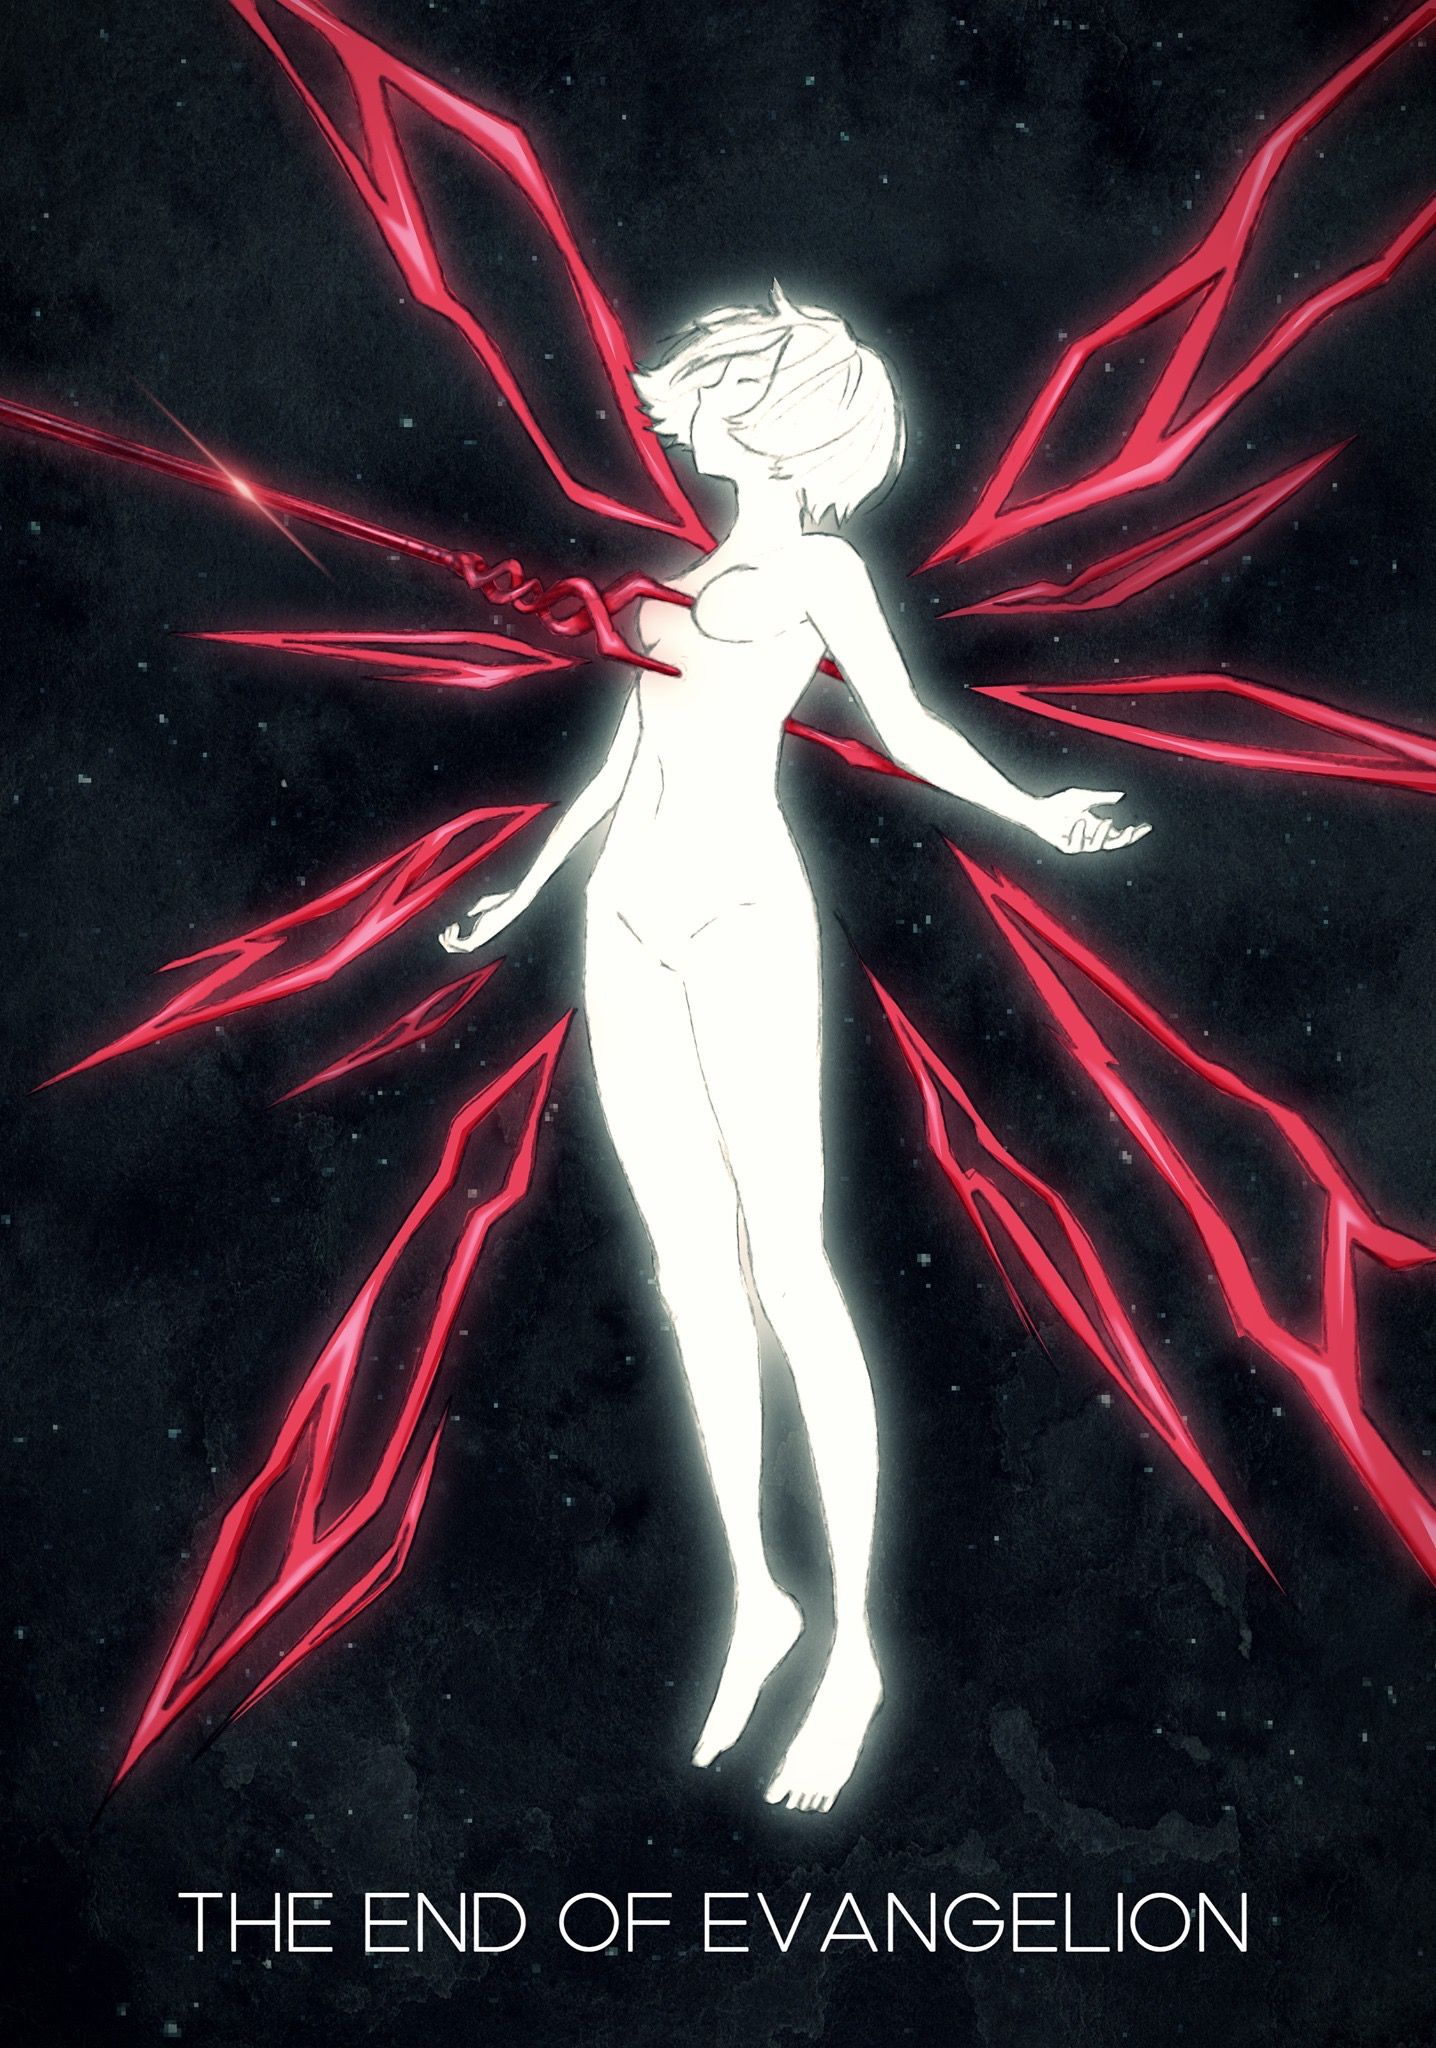 The end of evangelion | Evangelion, Neon evangelion, Evangelion art